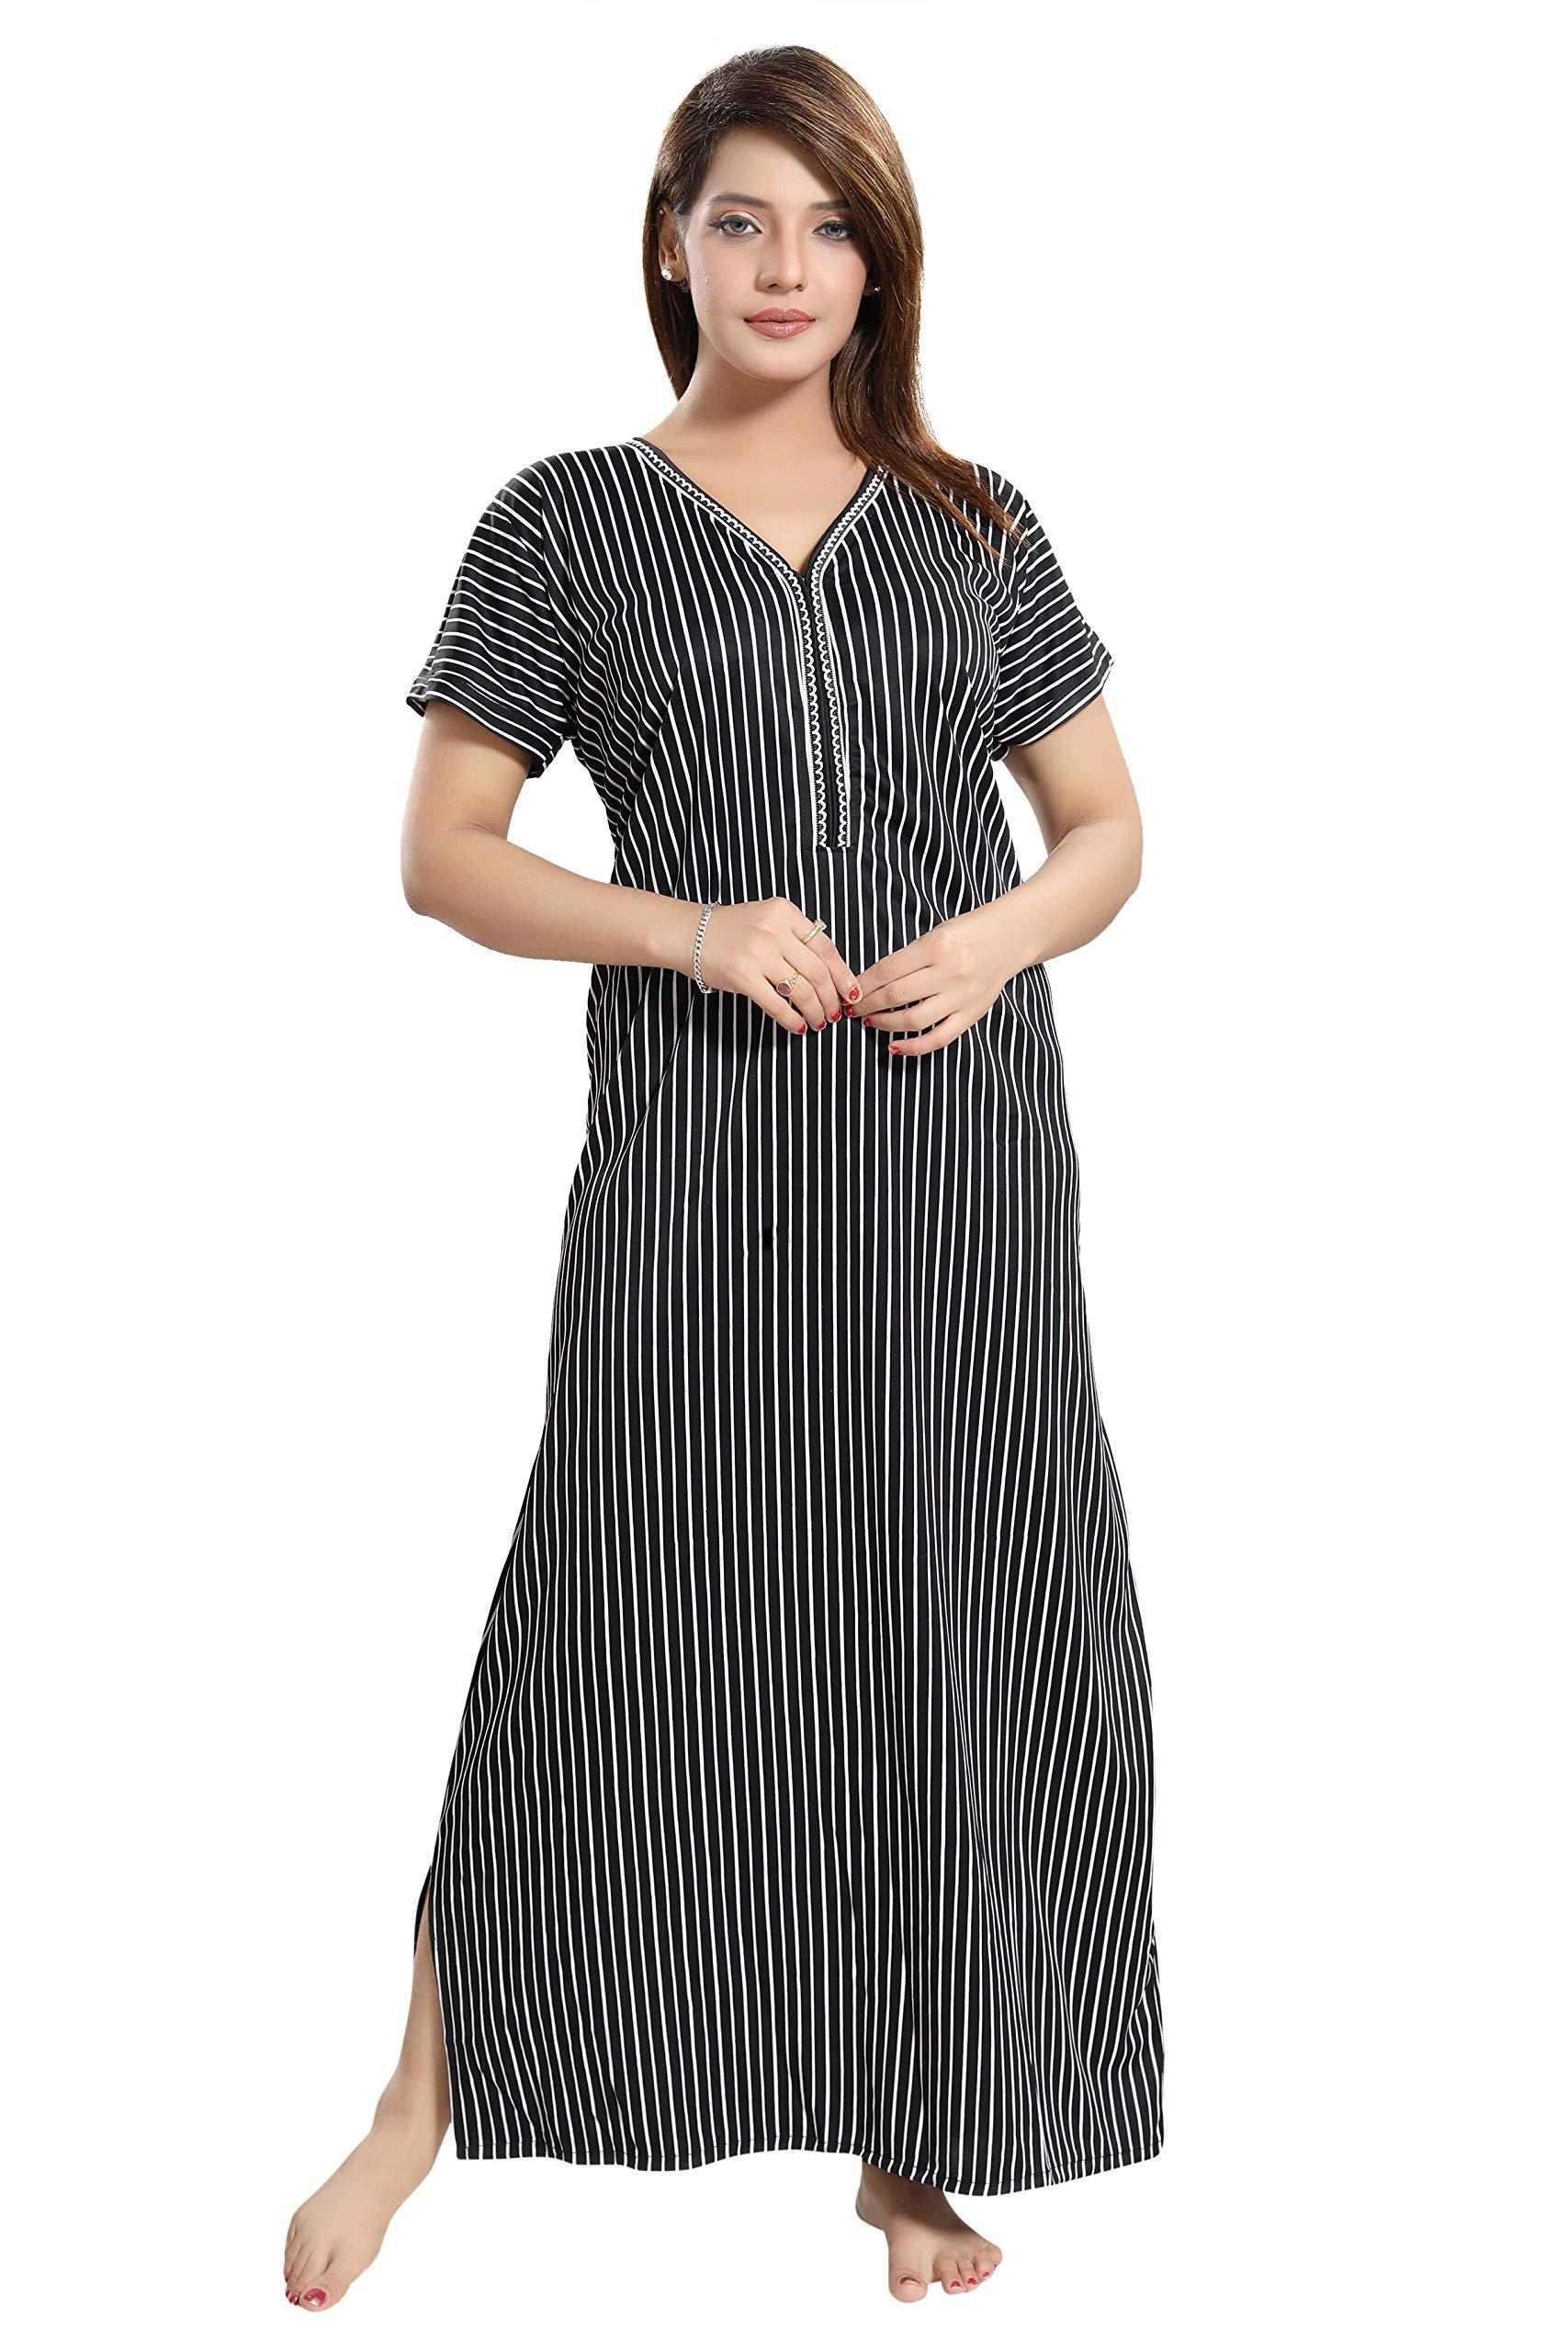 d1264a56a63 TUCUTE Women s Line Print Border Nighty Night Gown Nightwear   Nightdress Sleepwear  ...